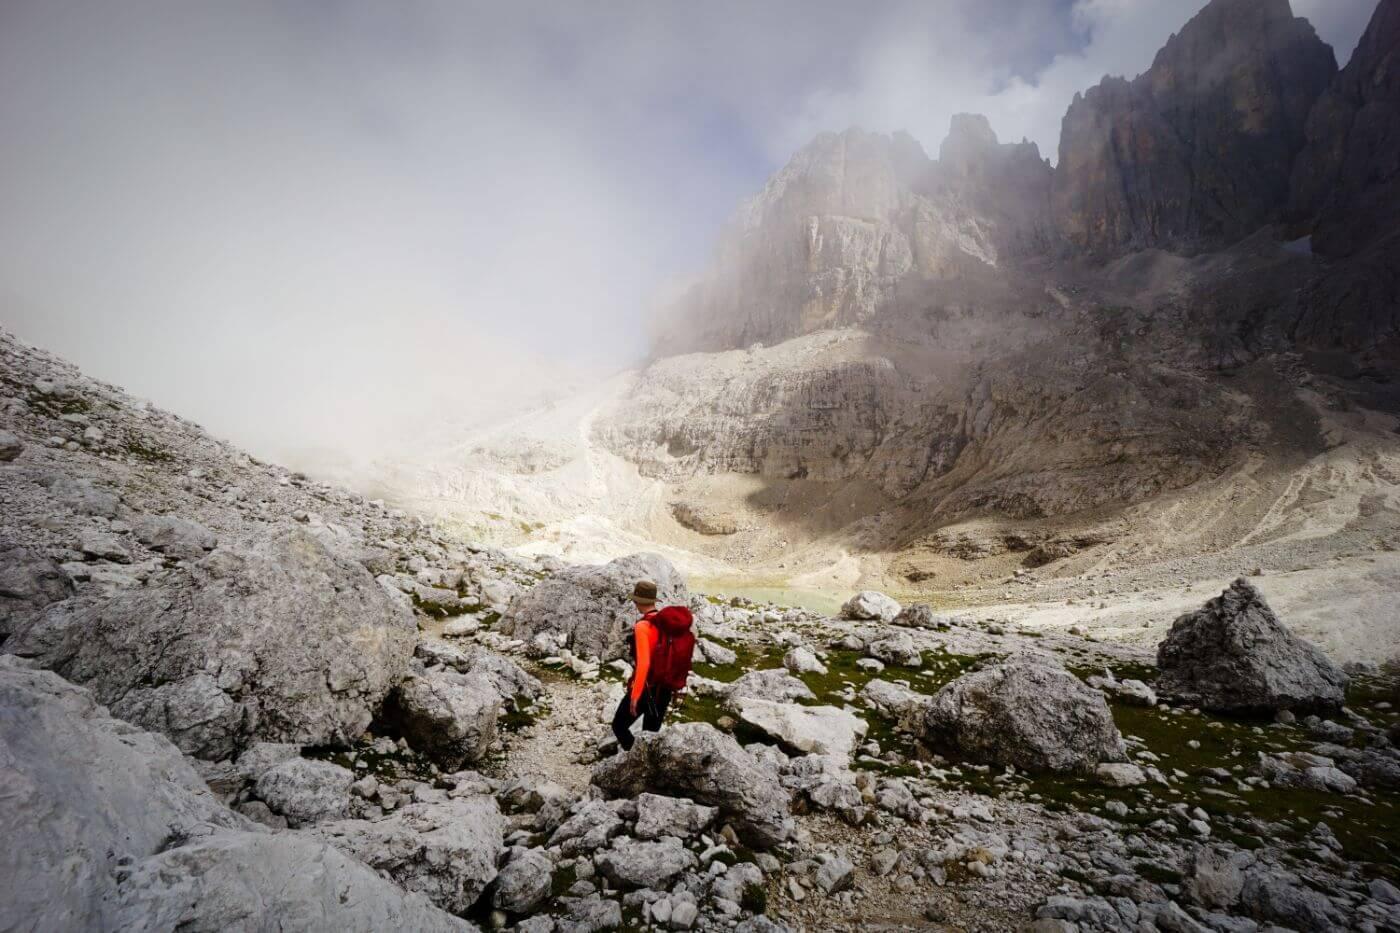 Rosetta Cableway, San Martino di Castrozza, Dolomites in September